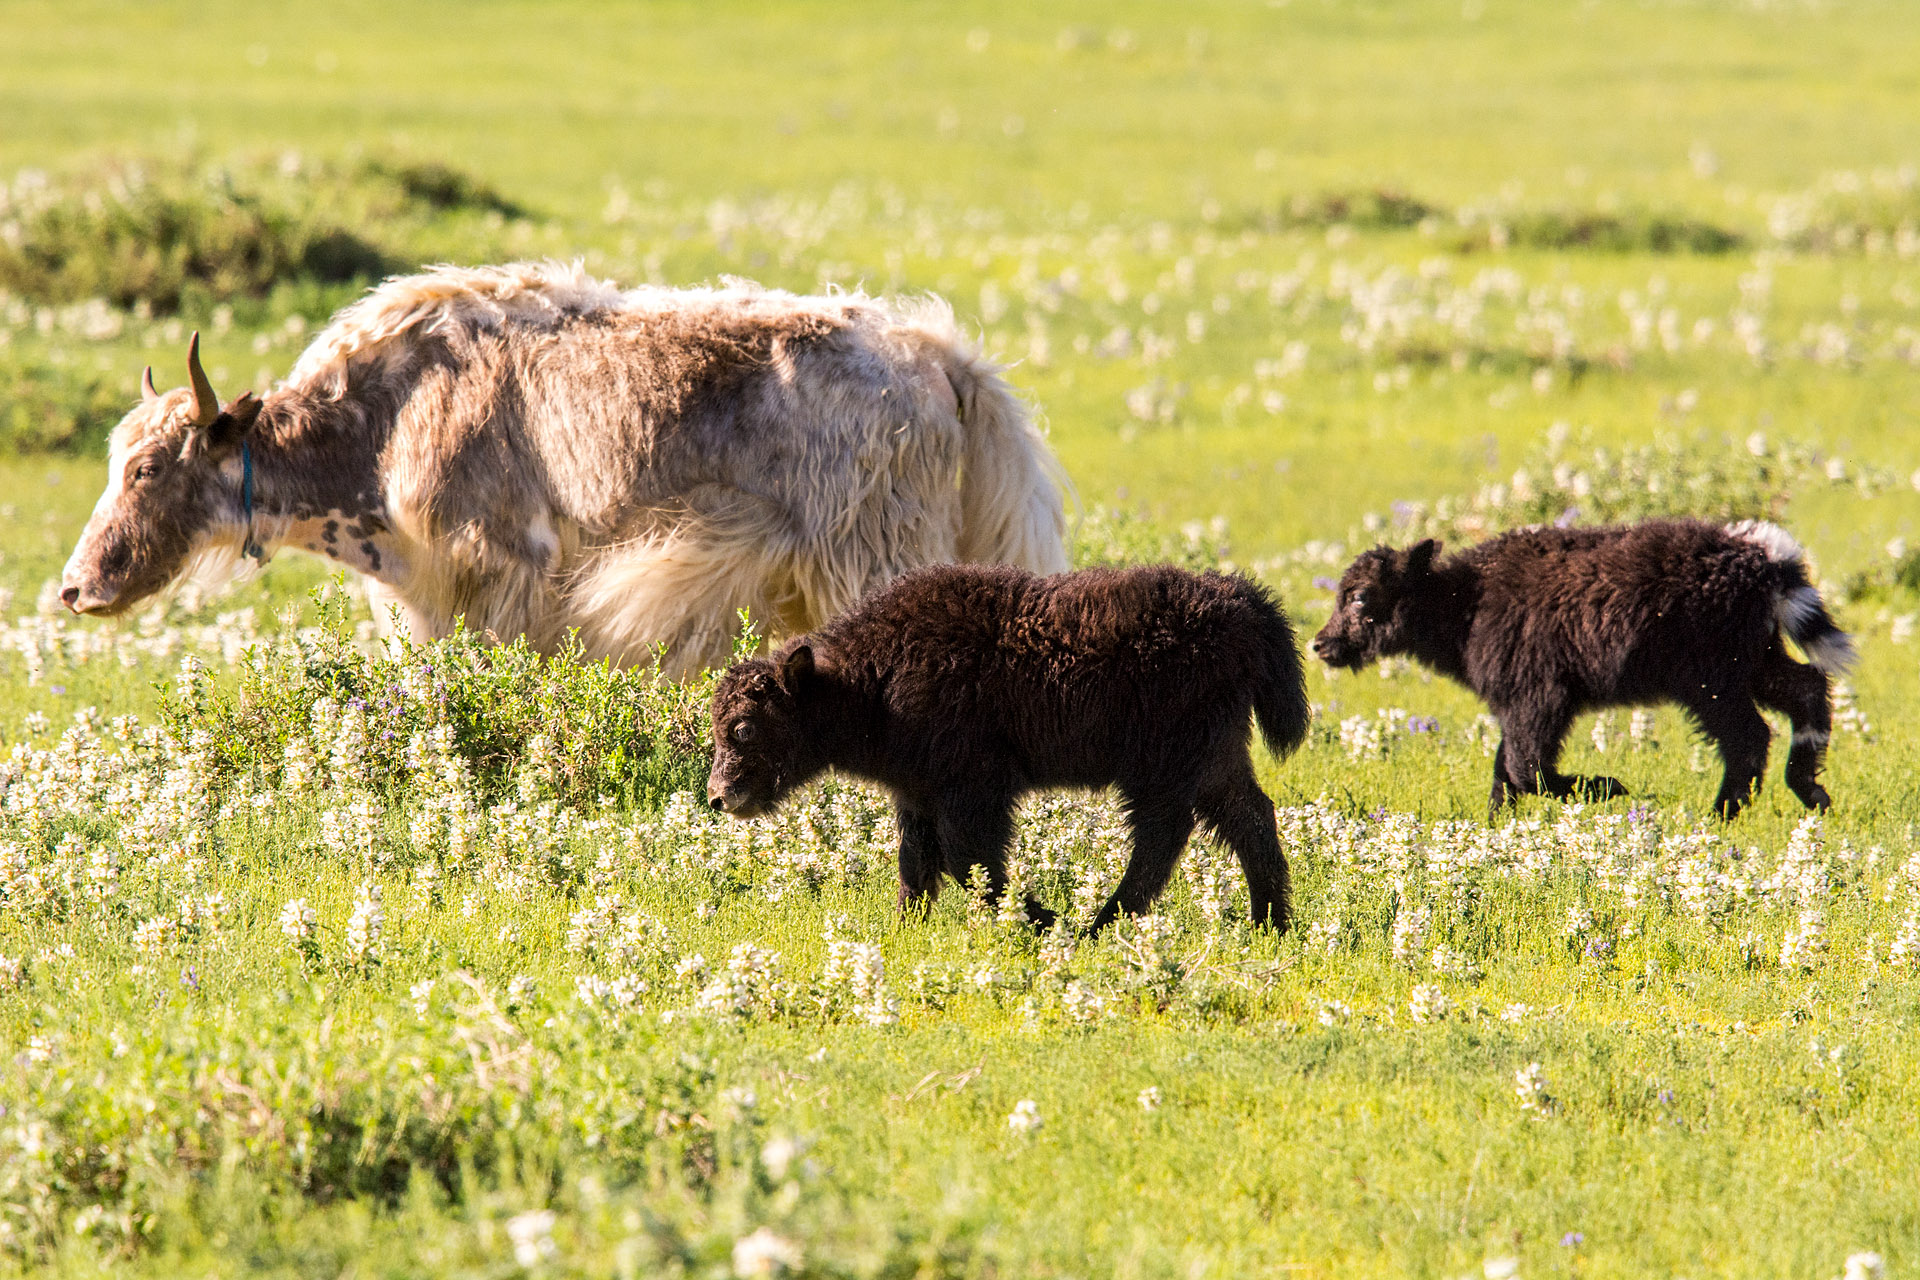 Baby yaks